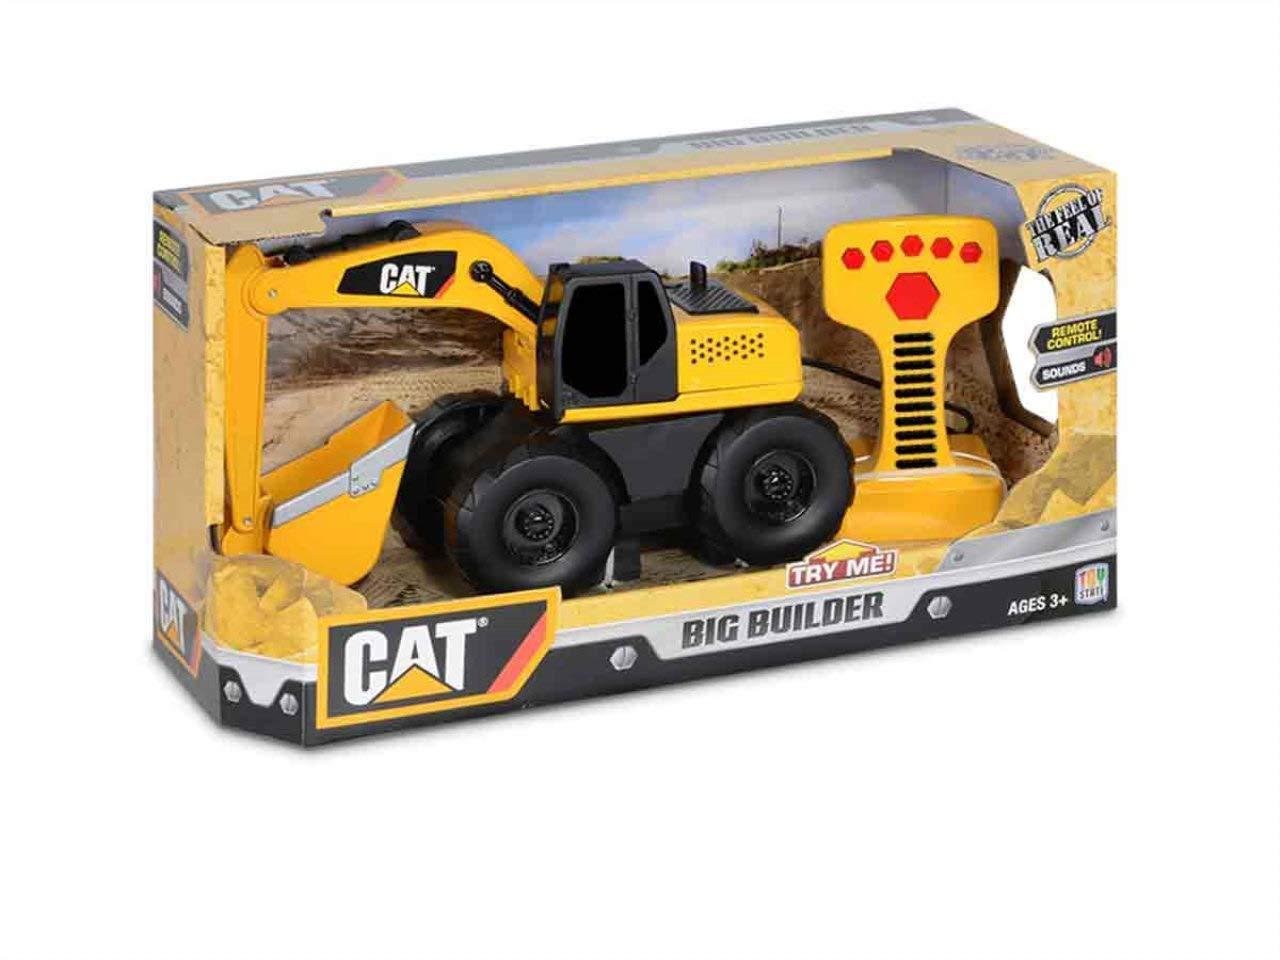 Toy State Cat veicoli da cantiere públicas e costruzioni Big Builder remoto (con cavo) ruspa TYS36639